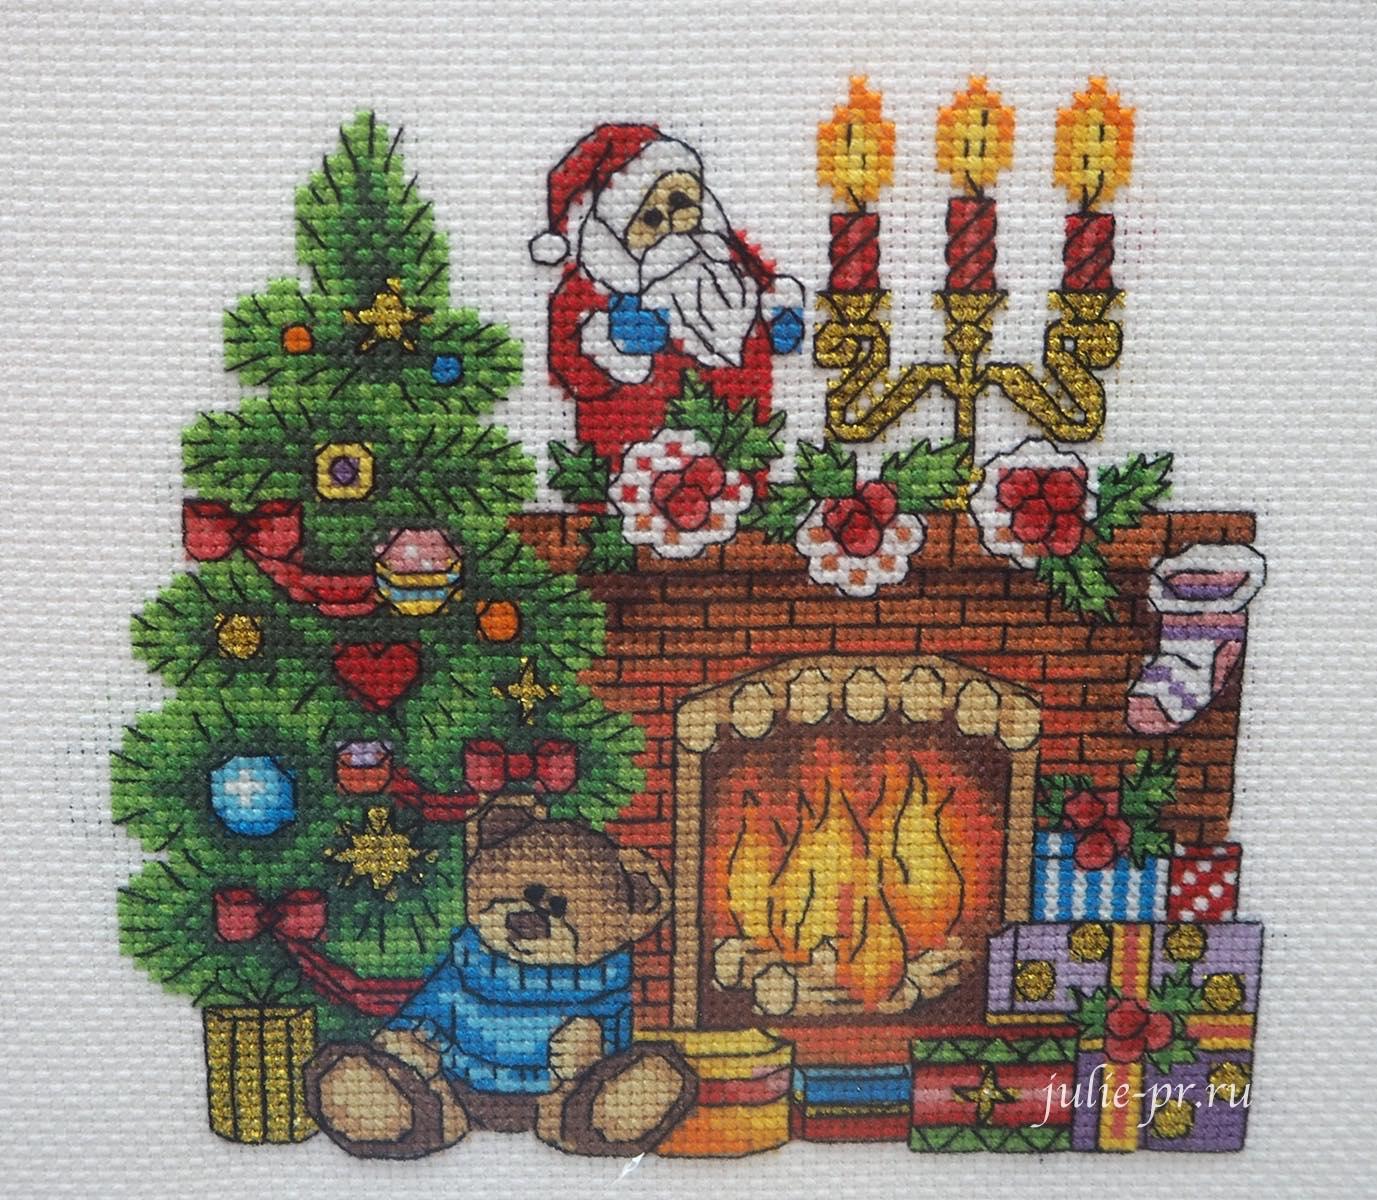 Панна, рождественский камин, panna, вышивка крестом, формула рукоделия зима 2020